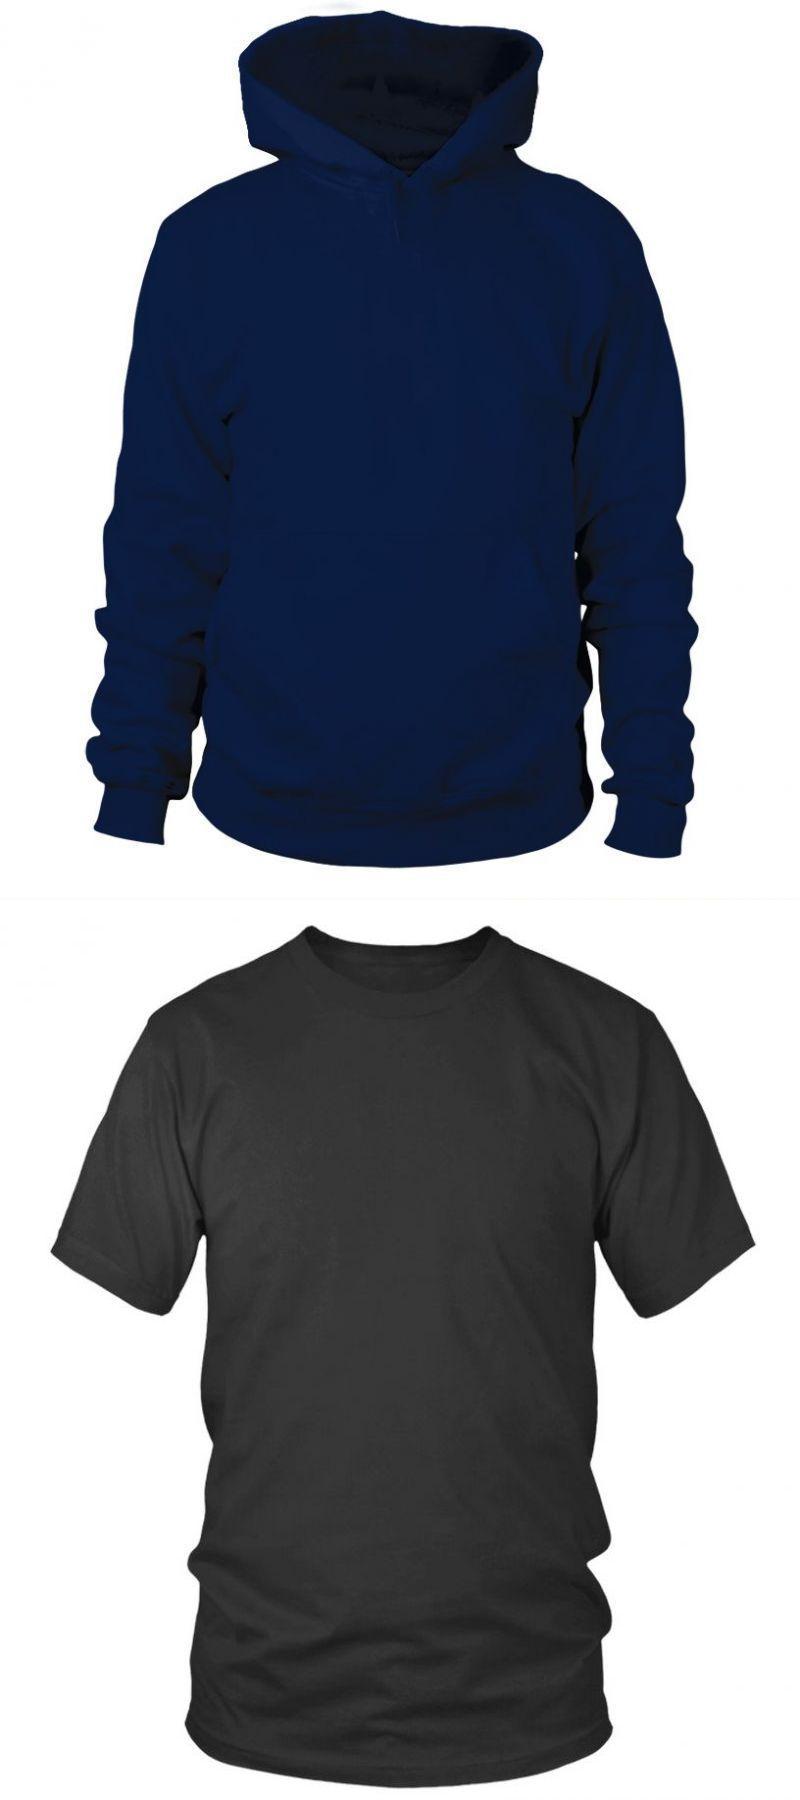 2e376131 Cheap Personalized T Shirts Canada   Saddha